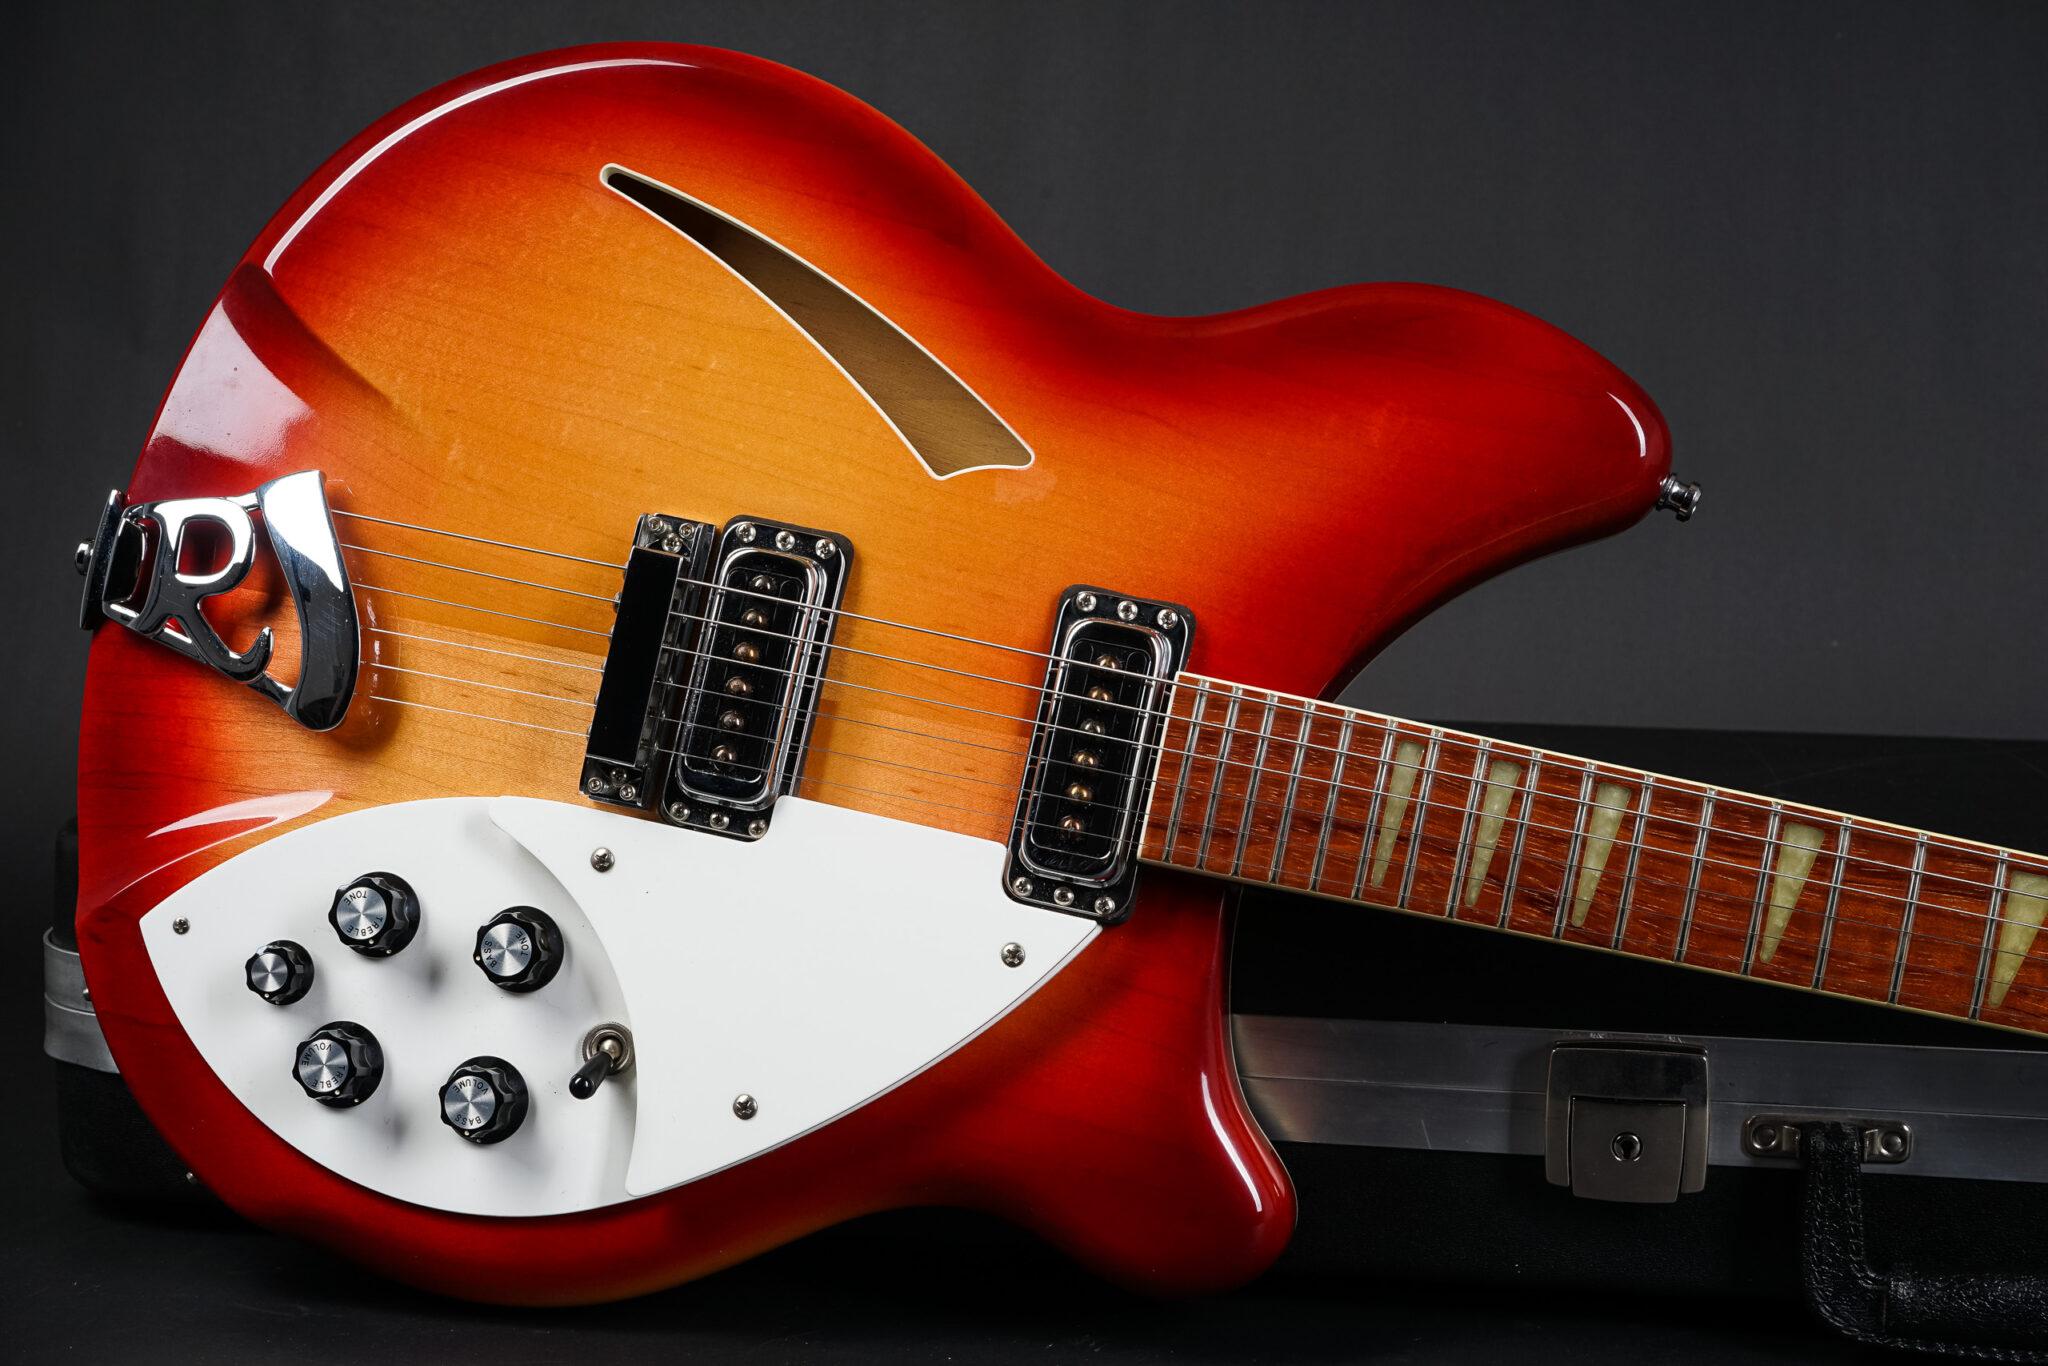 https://guitarpoint.de/app/uploads/products/2000-rickenbacker-360-fireglo/2000-Rickenbacker-360-Fireglo-0020838-8-2048x1366.jpg